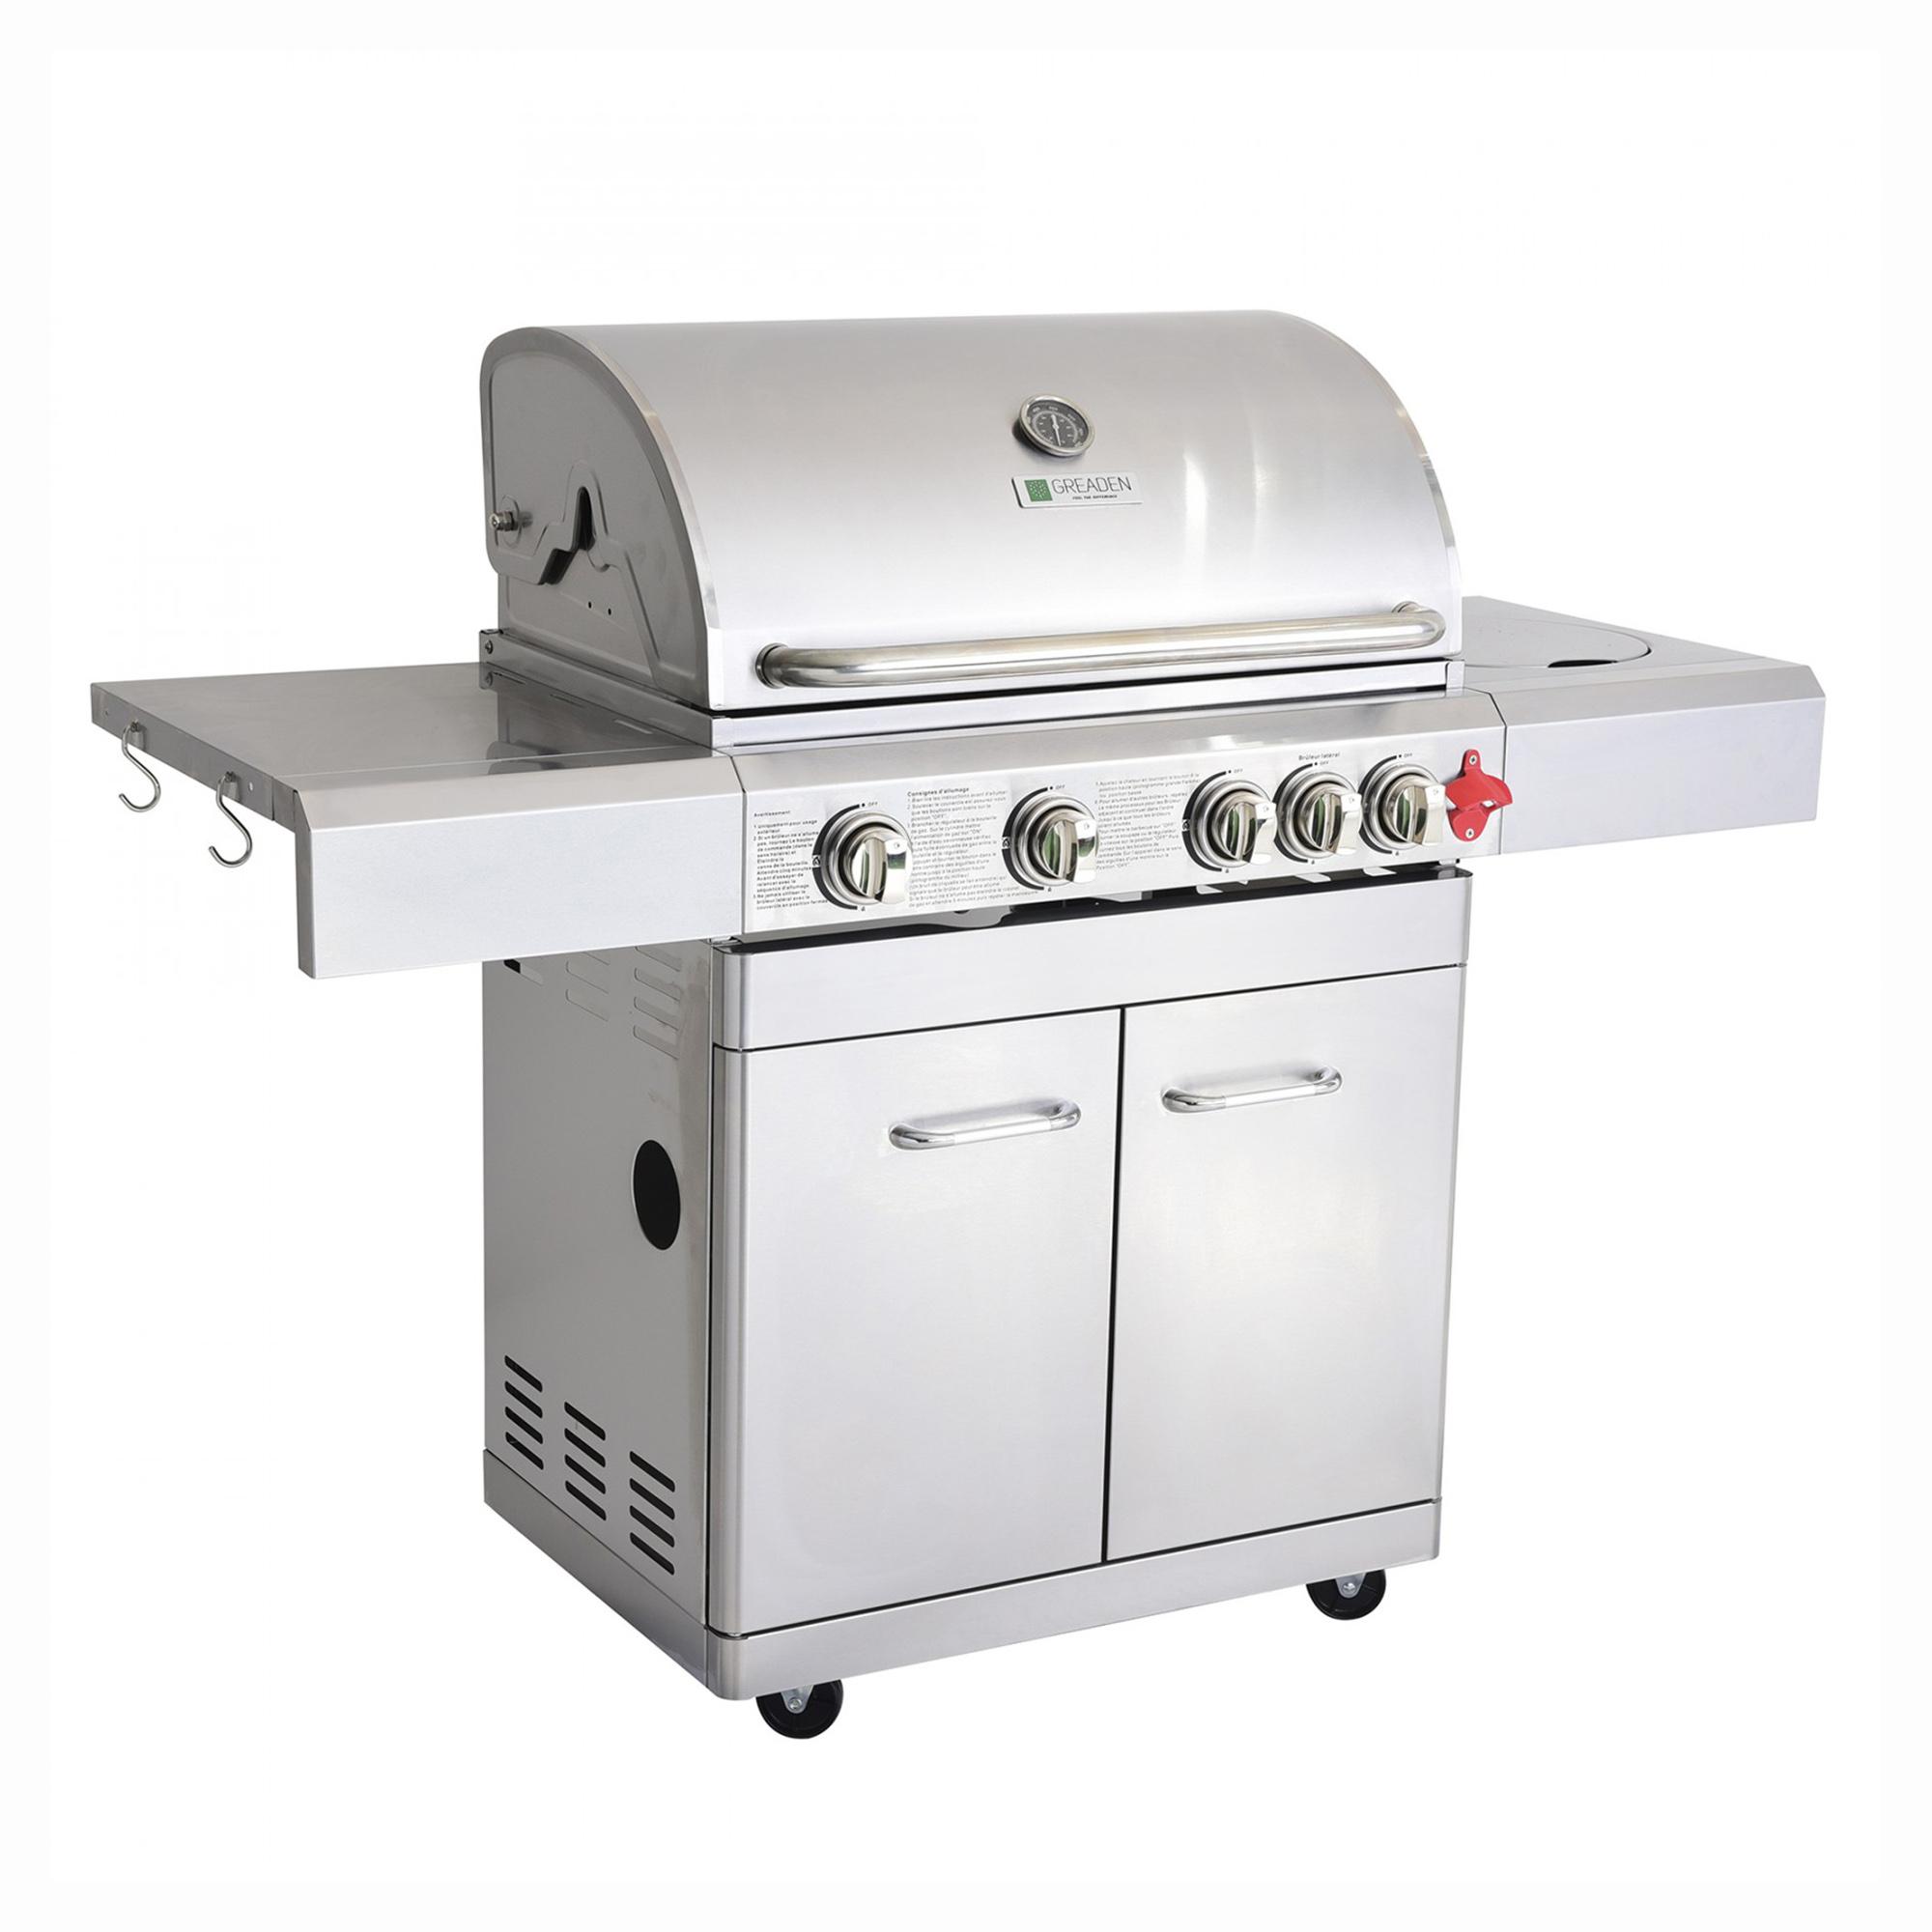 Barbecue à gaz 4 brûleurs avec housse en acier inox